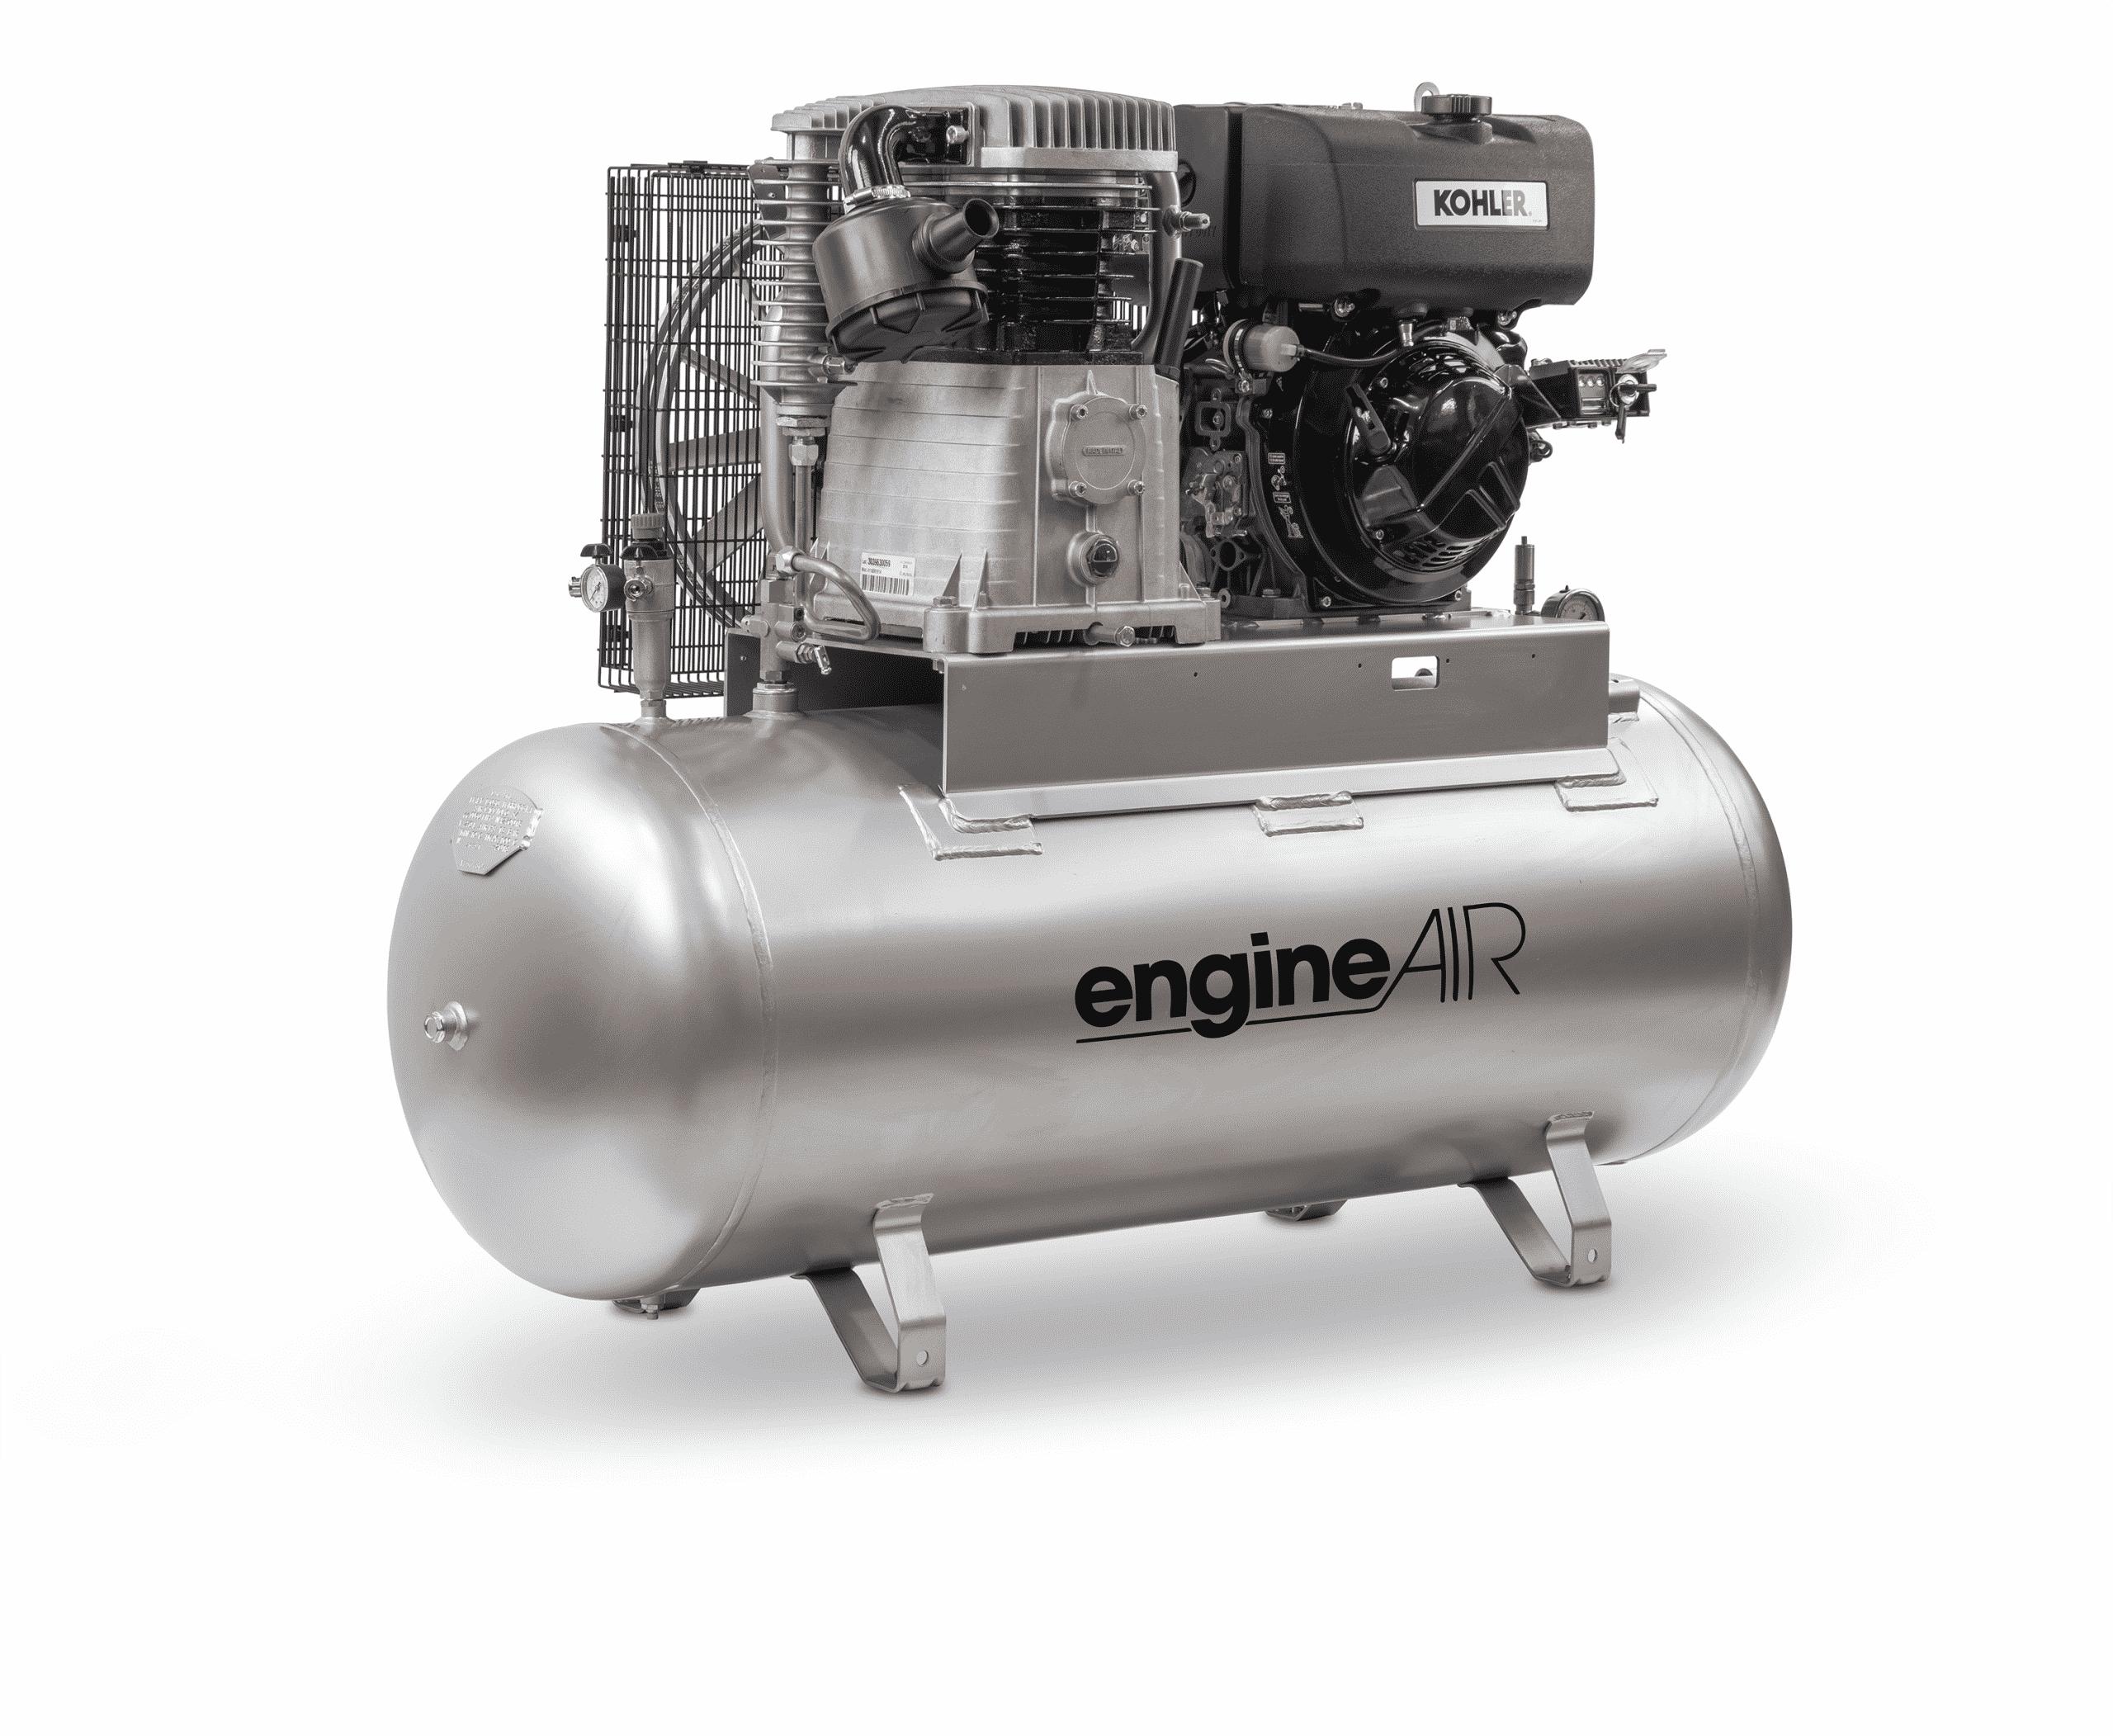 engineAIR 11/270 14 Diesel - Elstart